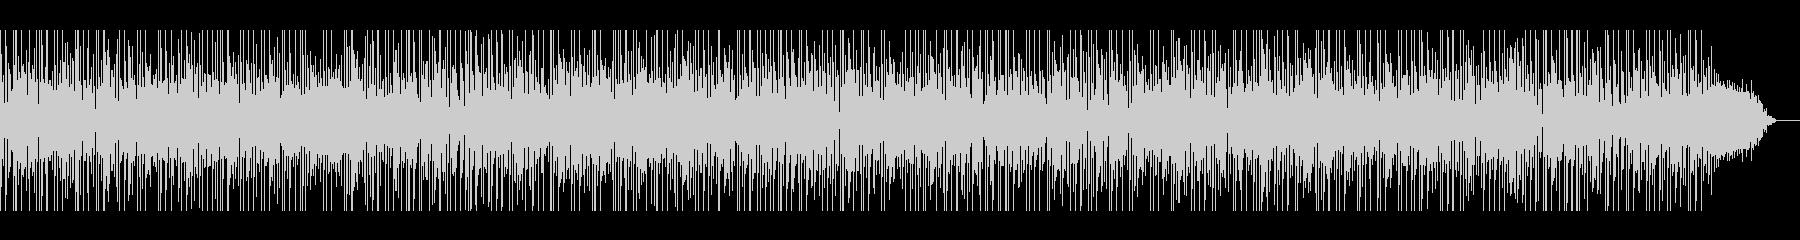 生演奏バンドファンキージャズBGMや映像の未再生の波形